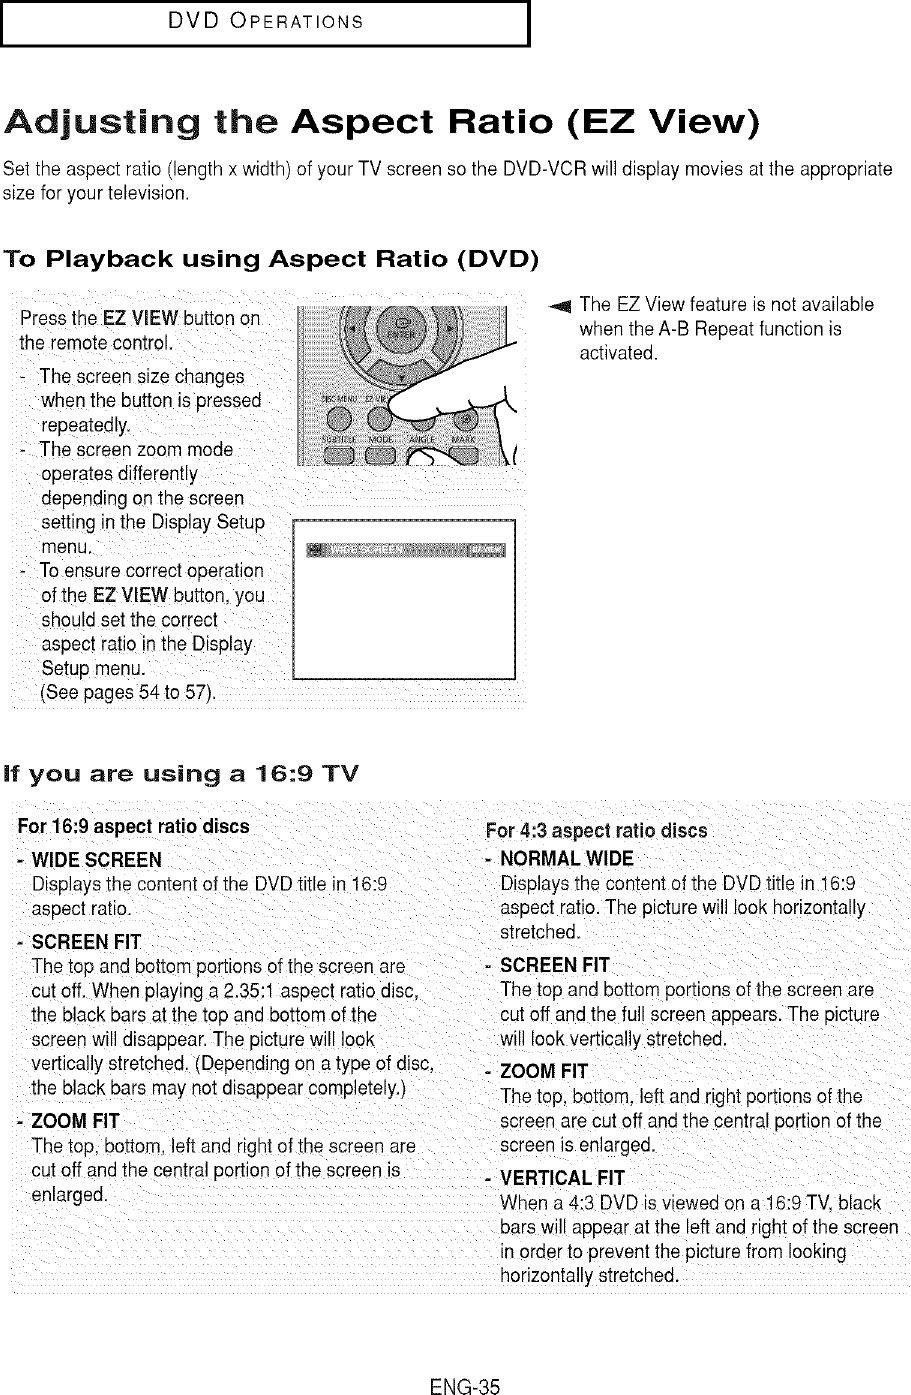 usermanual wiki/Samsung/DVDV9700 2605965870-User-G